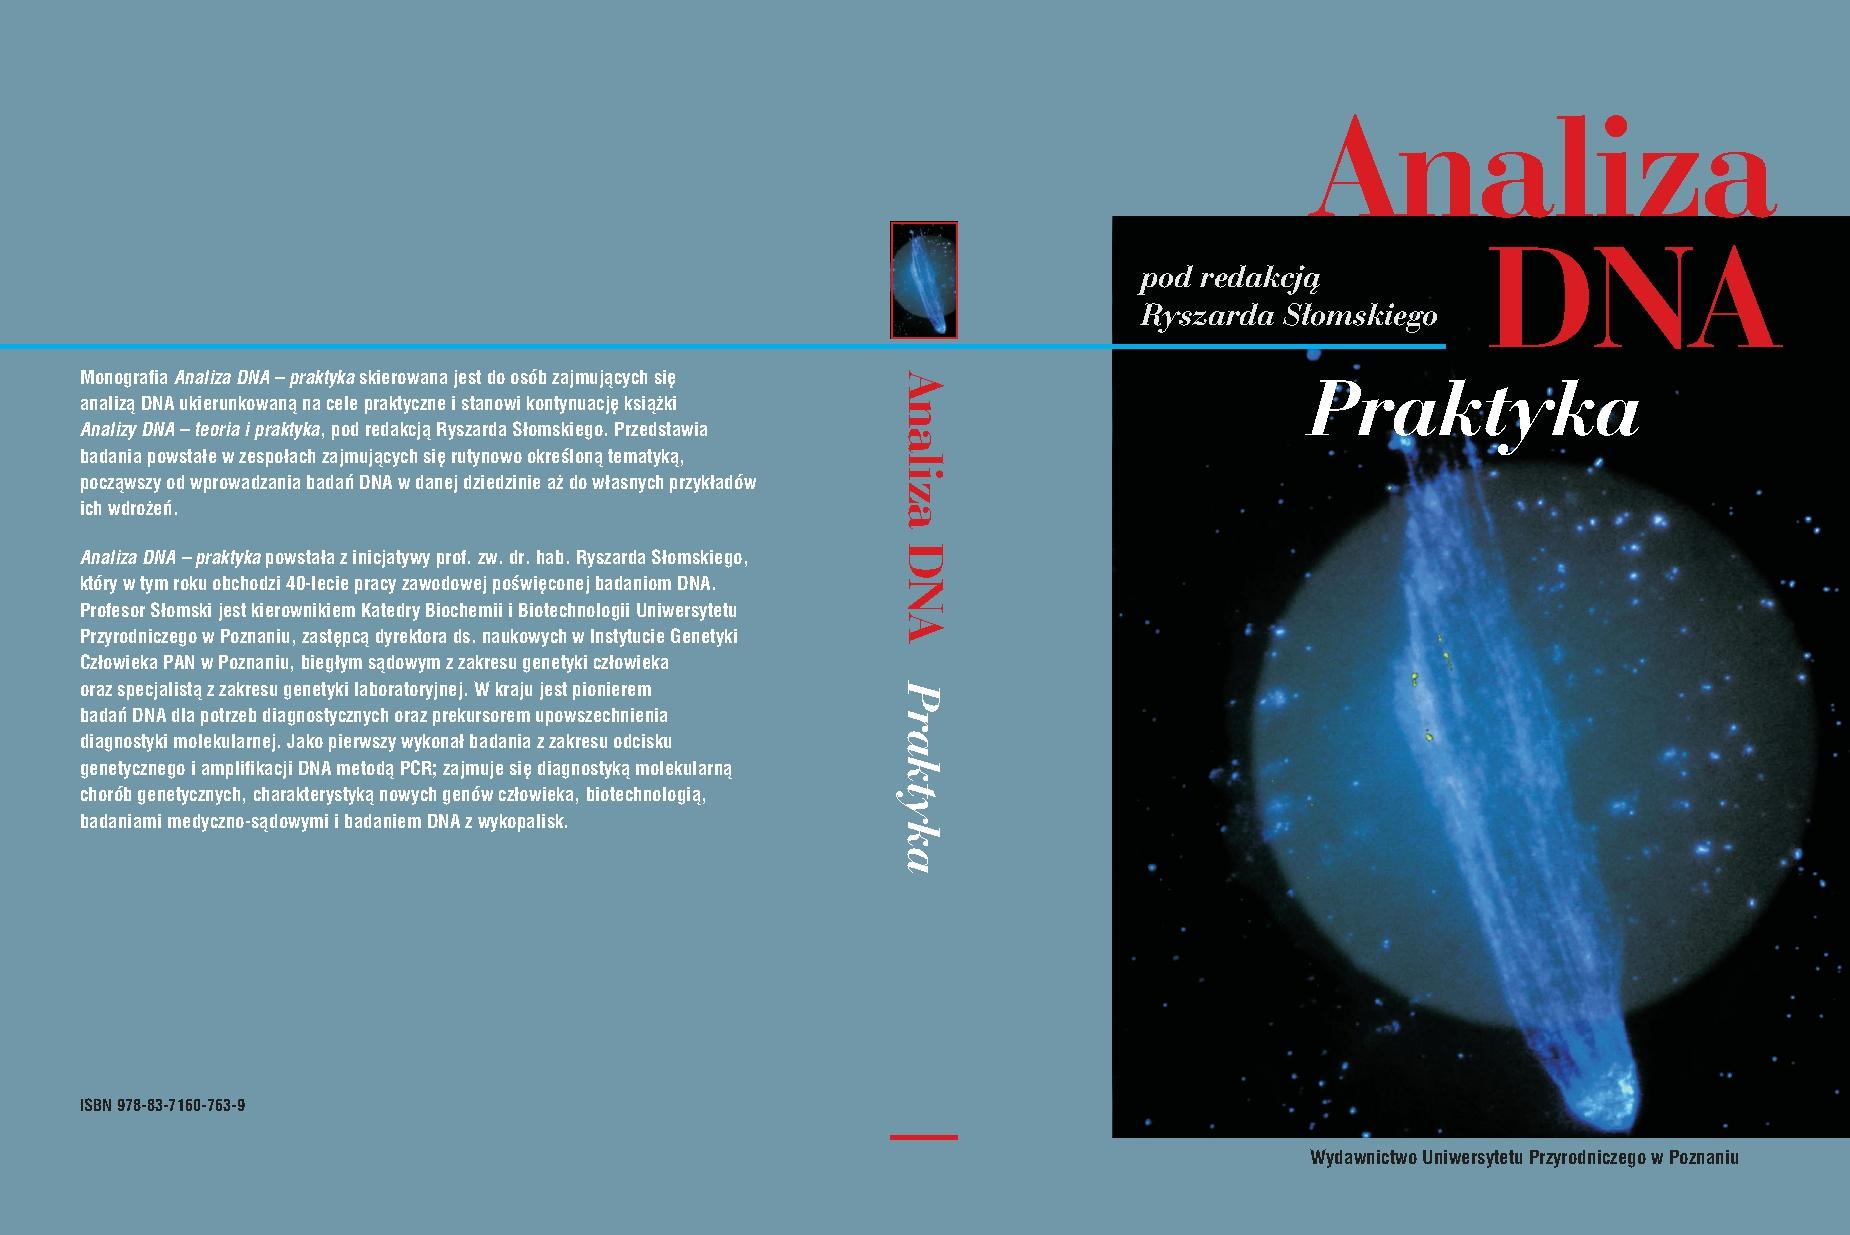 Analiza DNA - Praktyka - wyroznienie